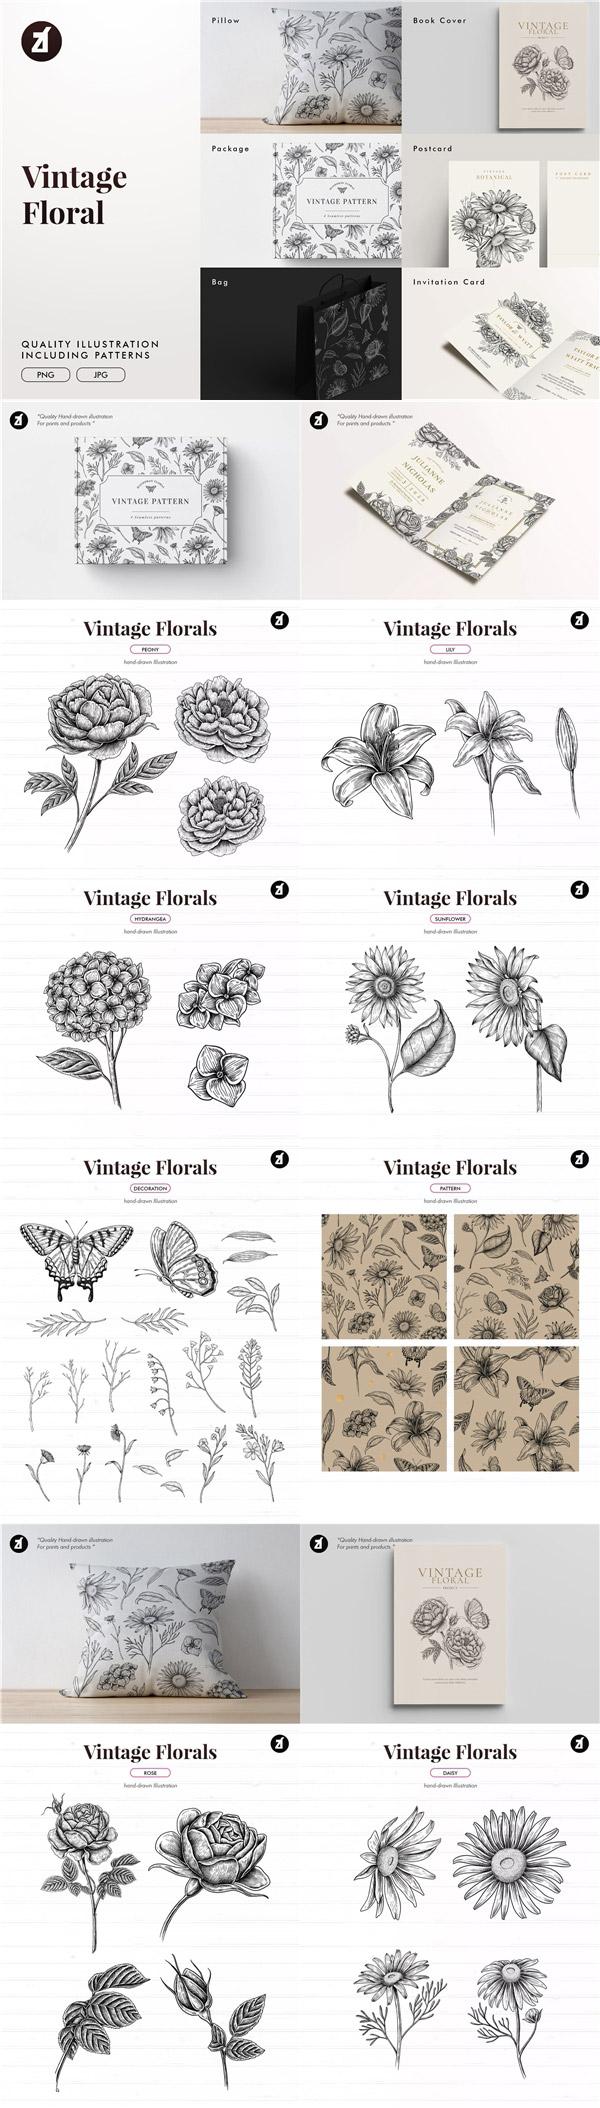 复古花卉插画元素